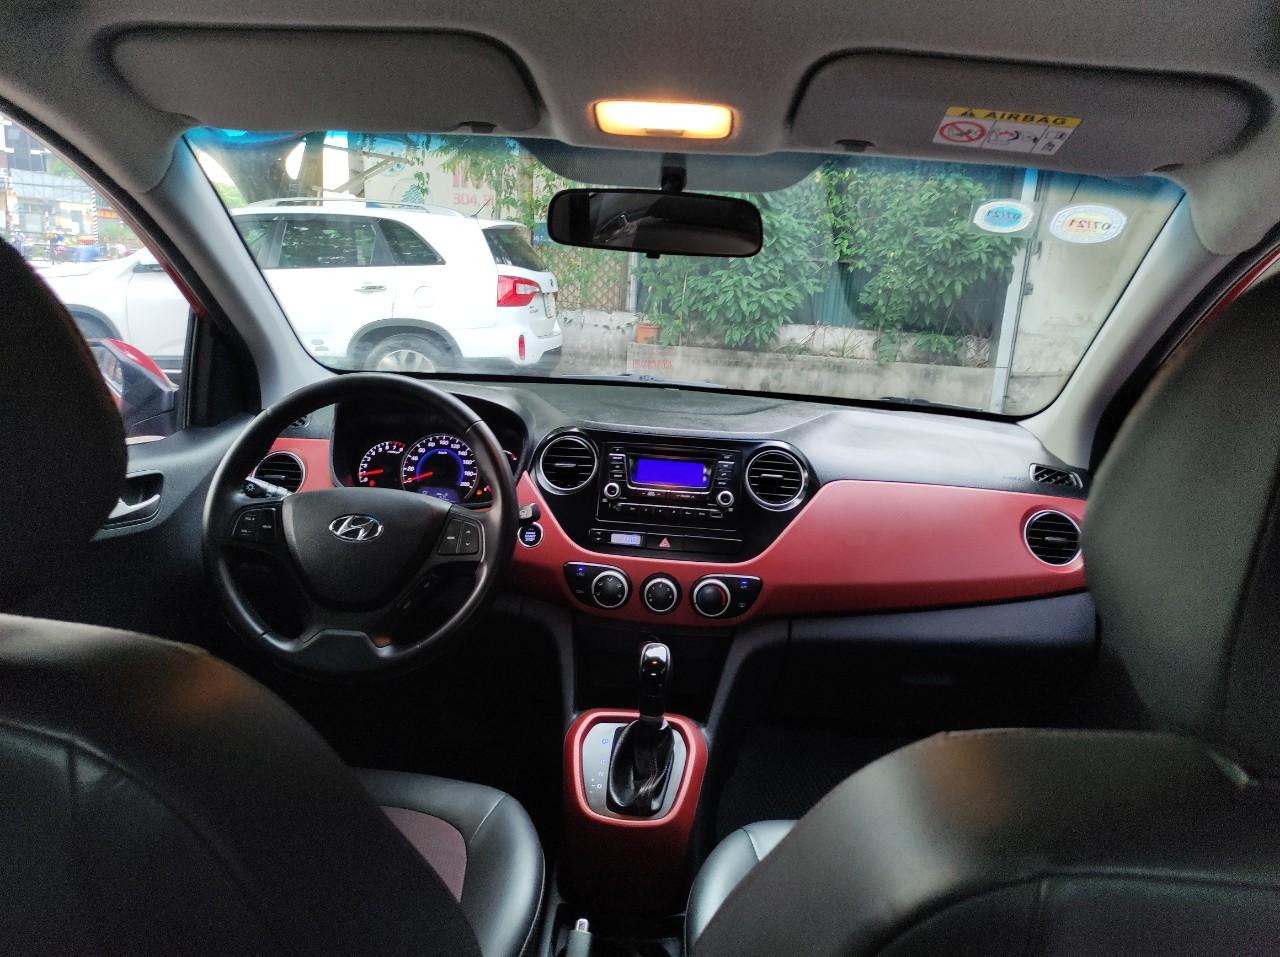 Không gian riêng đáng yêu - Xe 2016 Hyundai grand i10 đỏ may mắn